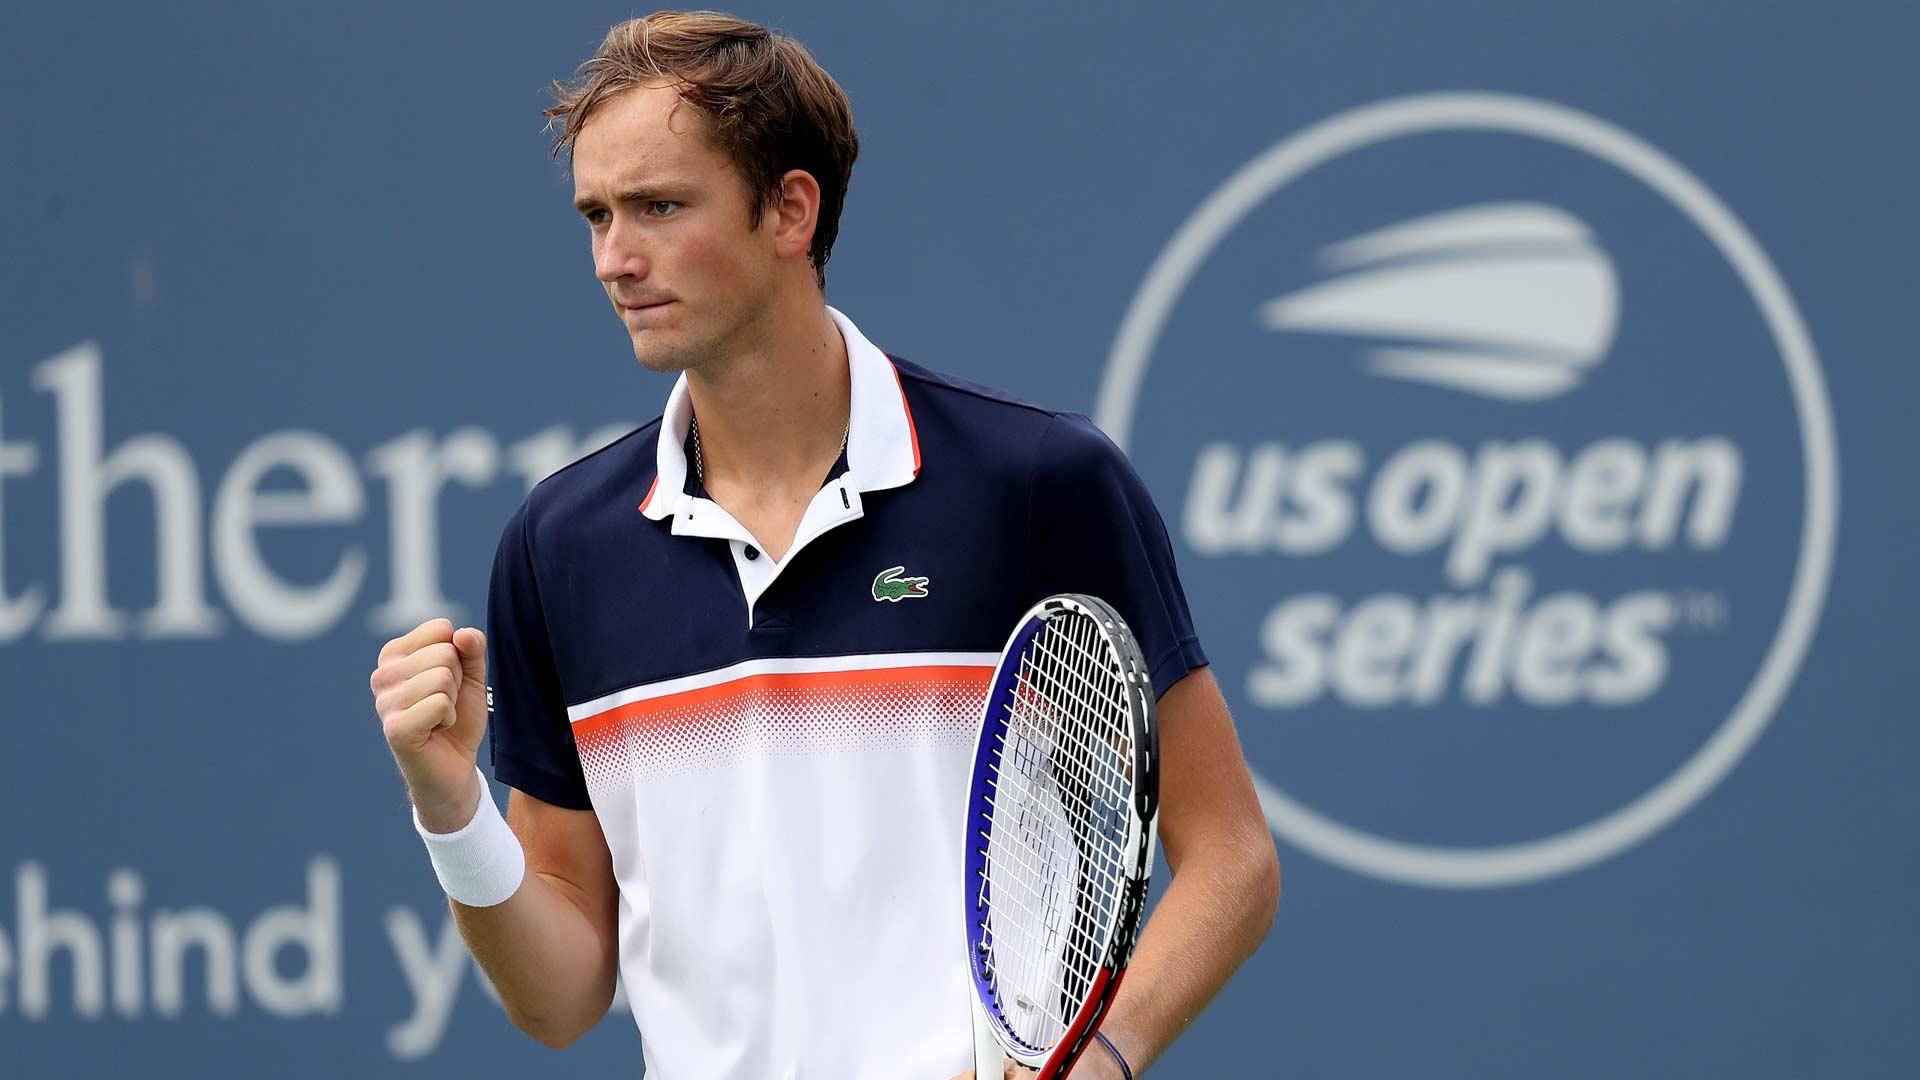 Medvedev passa por Djokovic e faz final contra Goffin em Cincy